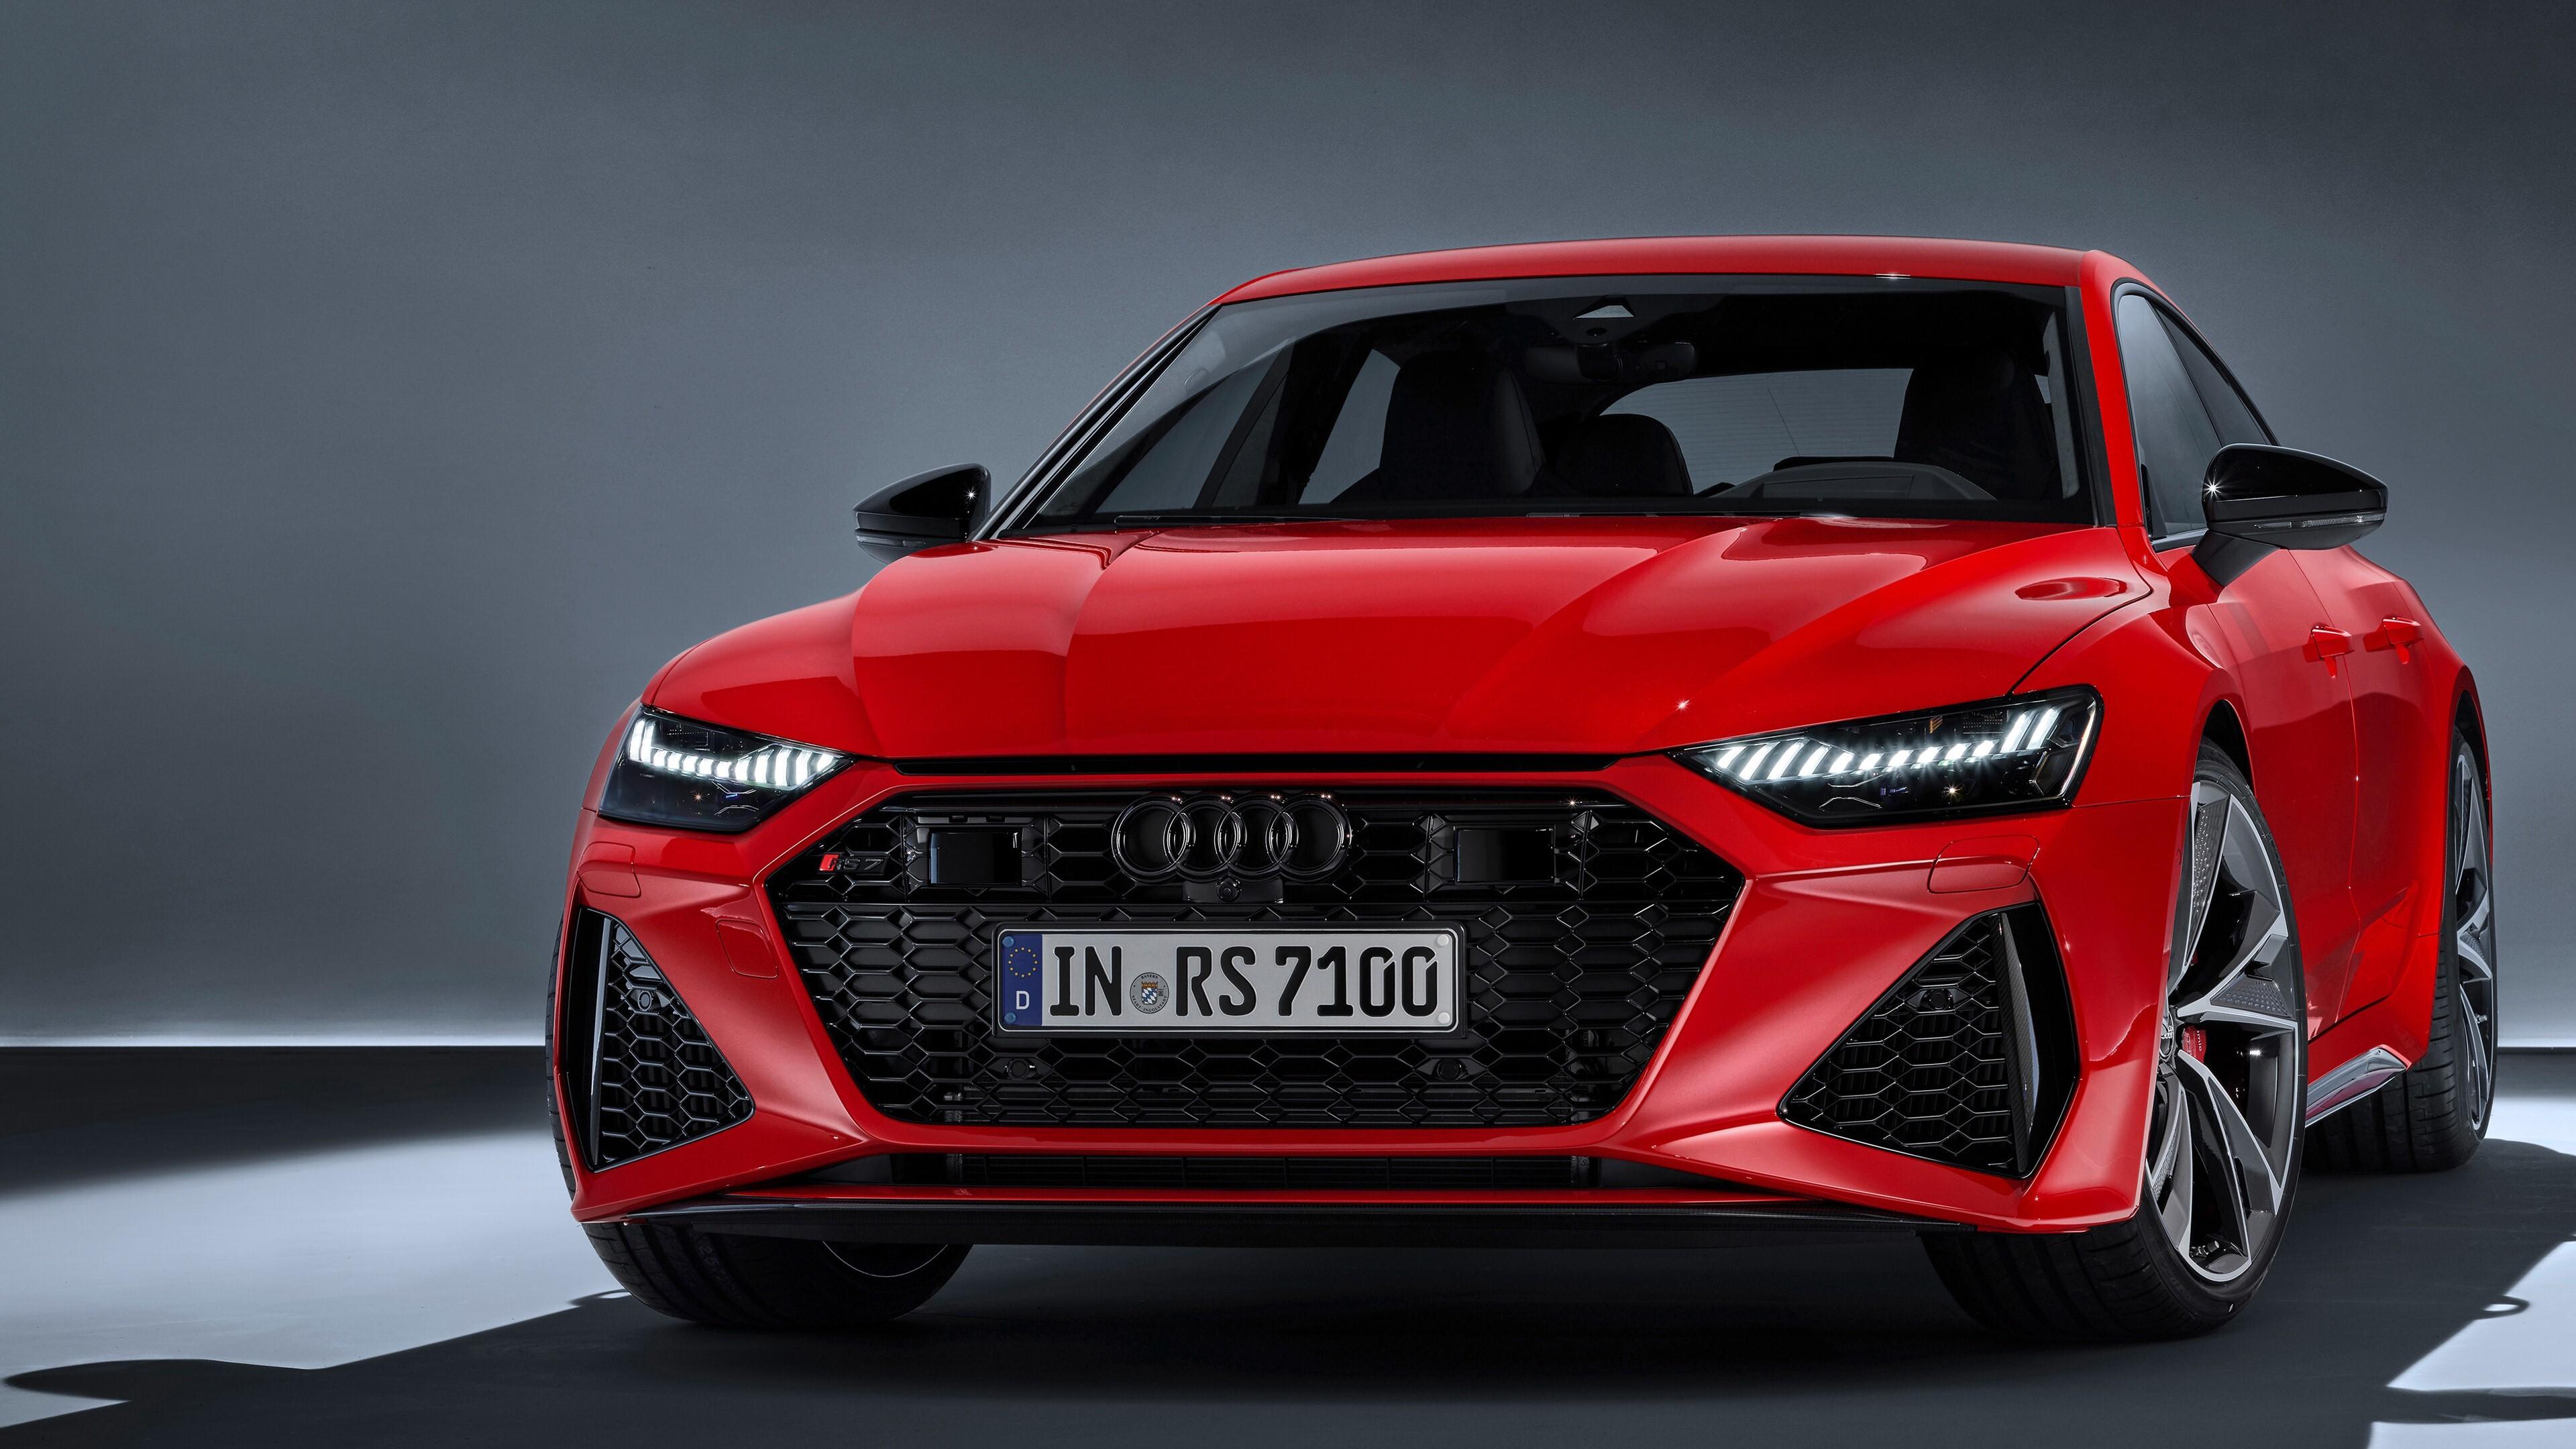 4k Wallpaper Of 2019 Audi Rs 7 Sportback Car Hd Wallpapers